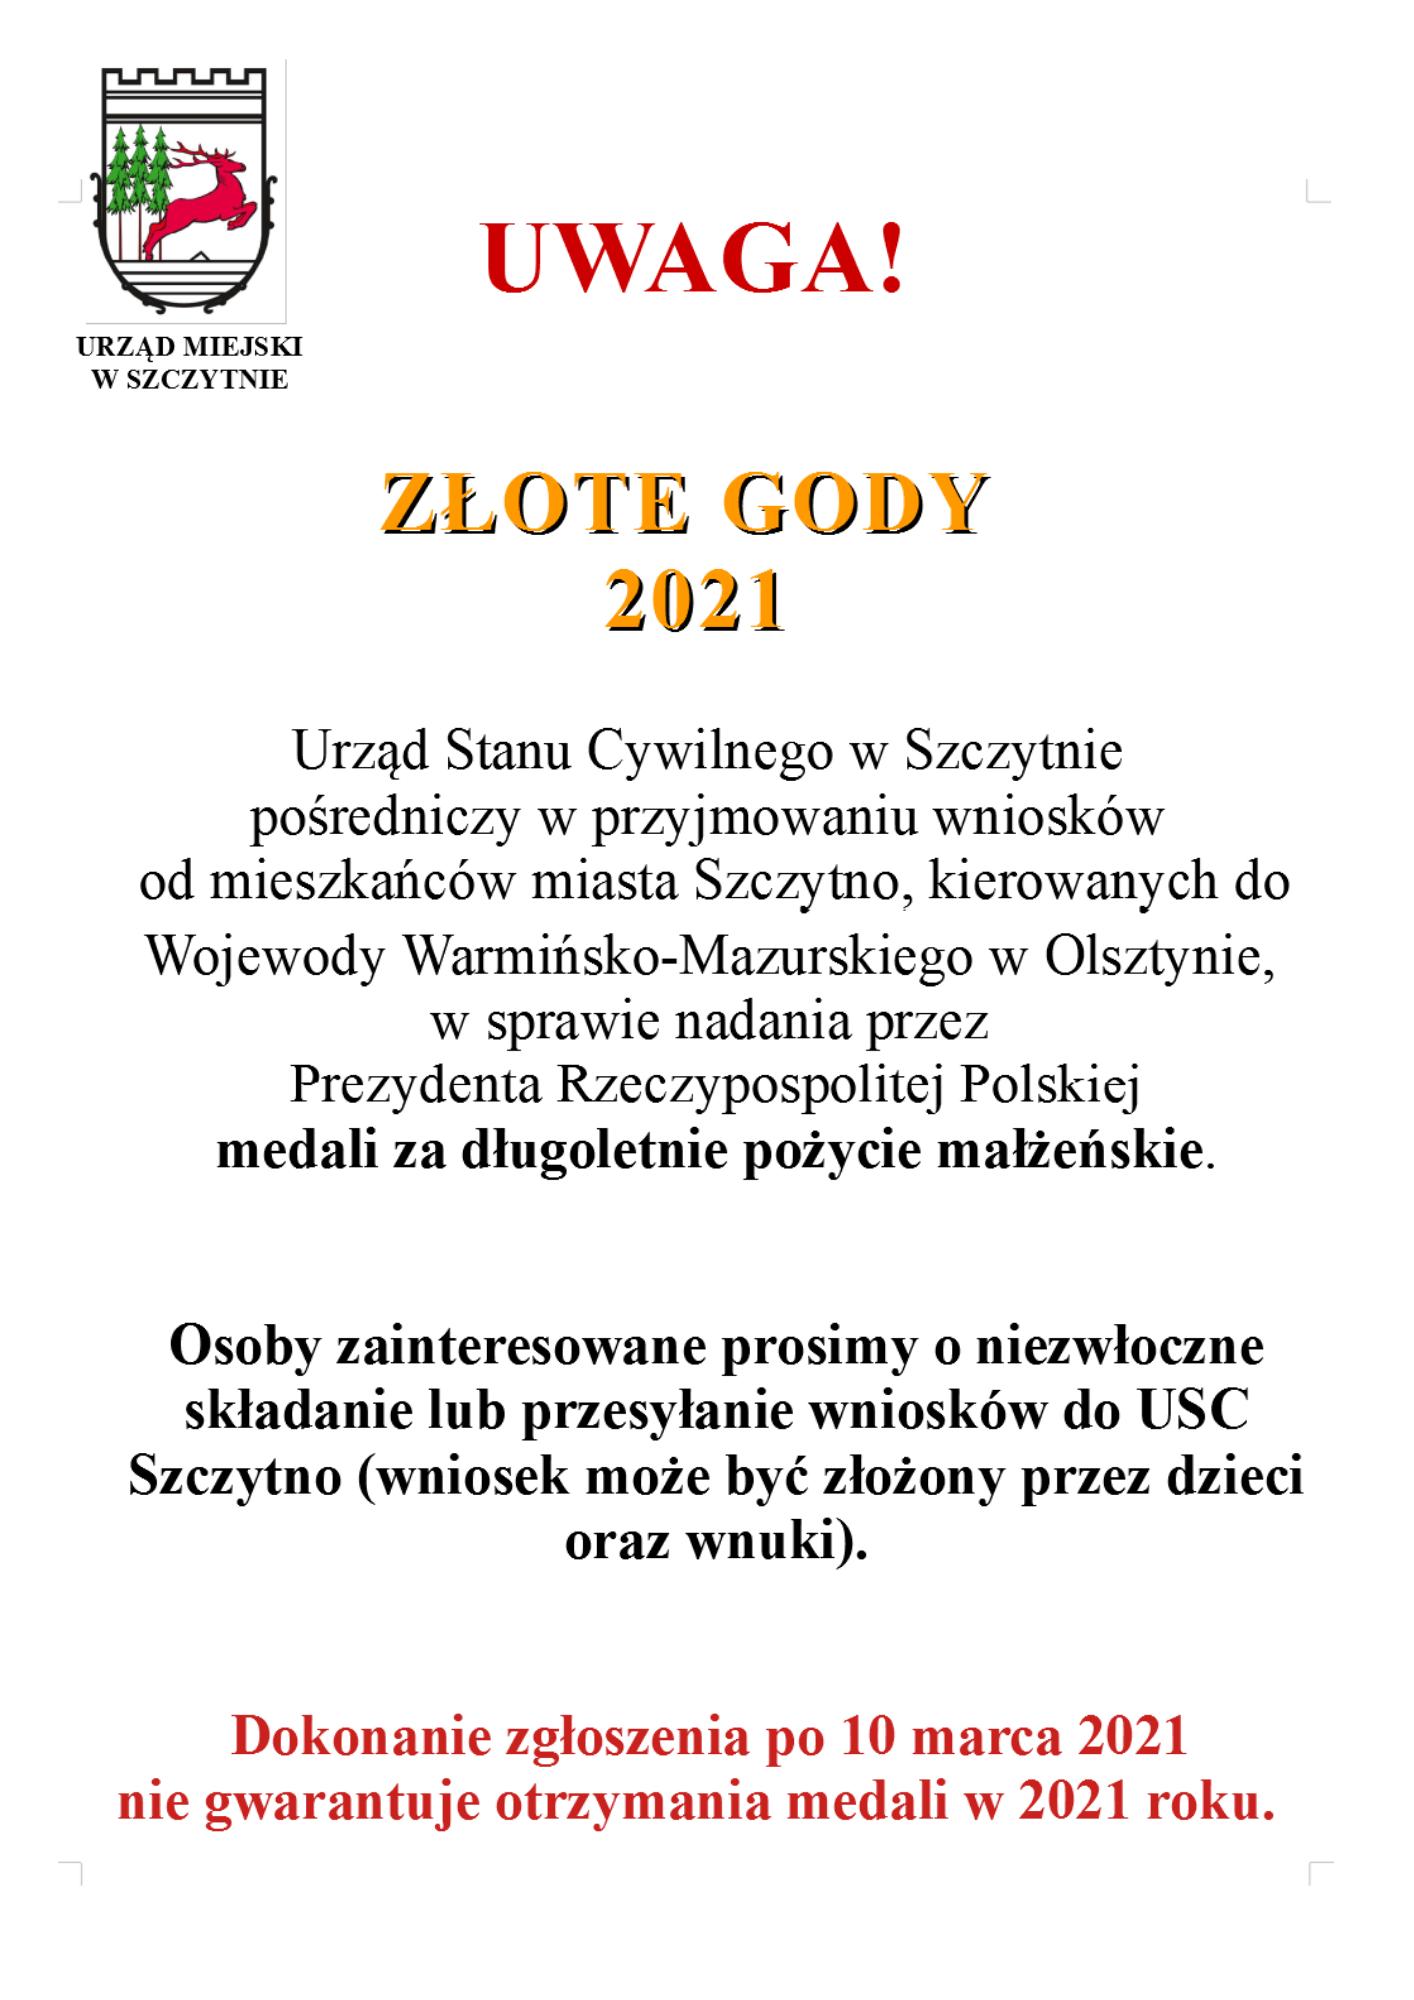 https://m.powiatszczycienski.pl/2021/02/orig/zlote-gody-37938.png